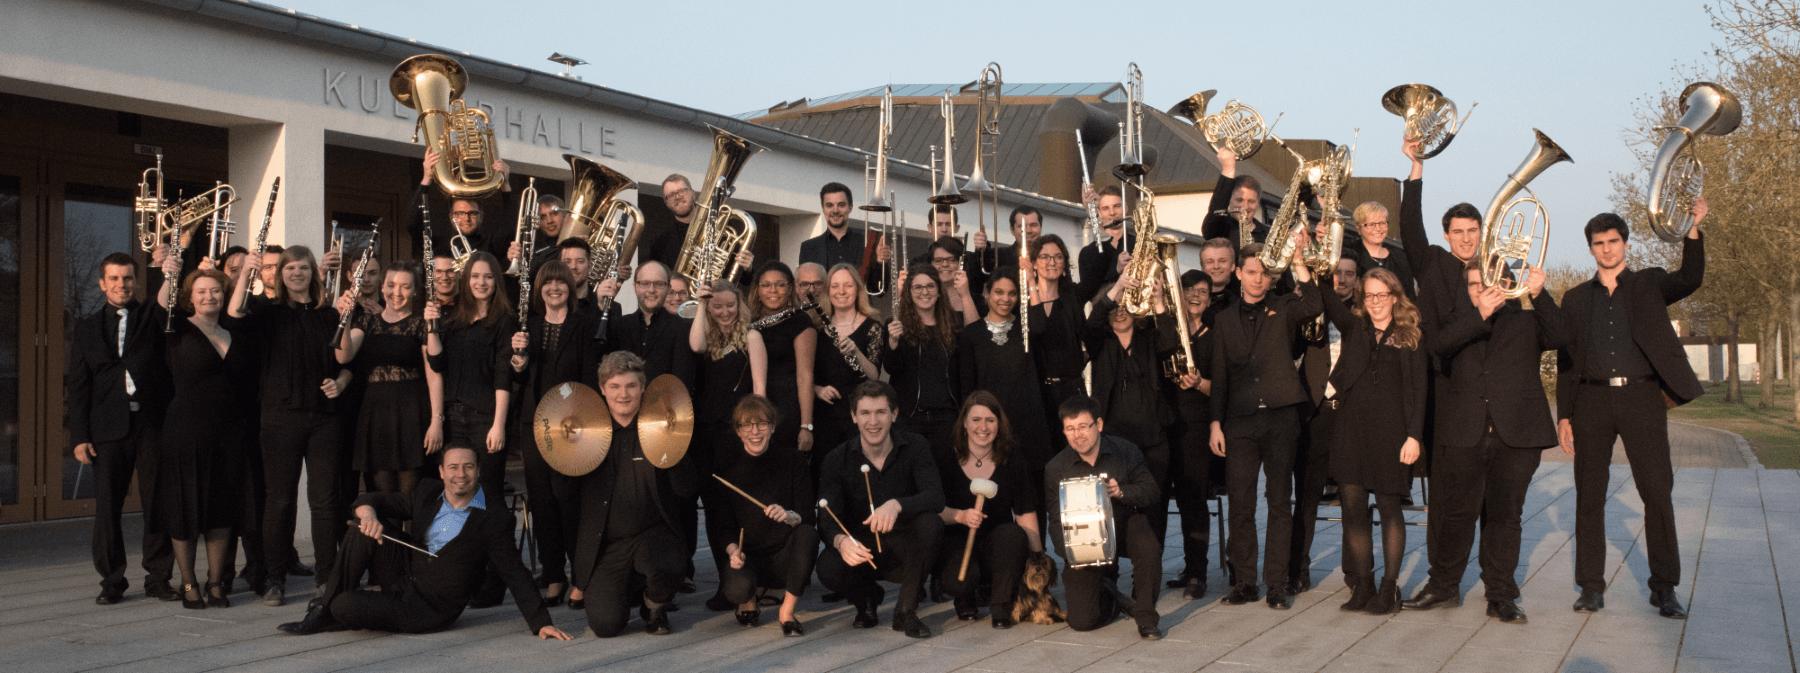 Mythen Legenden Sagen Musikverein Grafenrheinfeld Frühjahrskonzert 2017 Kulturhalle